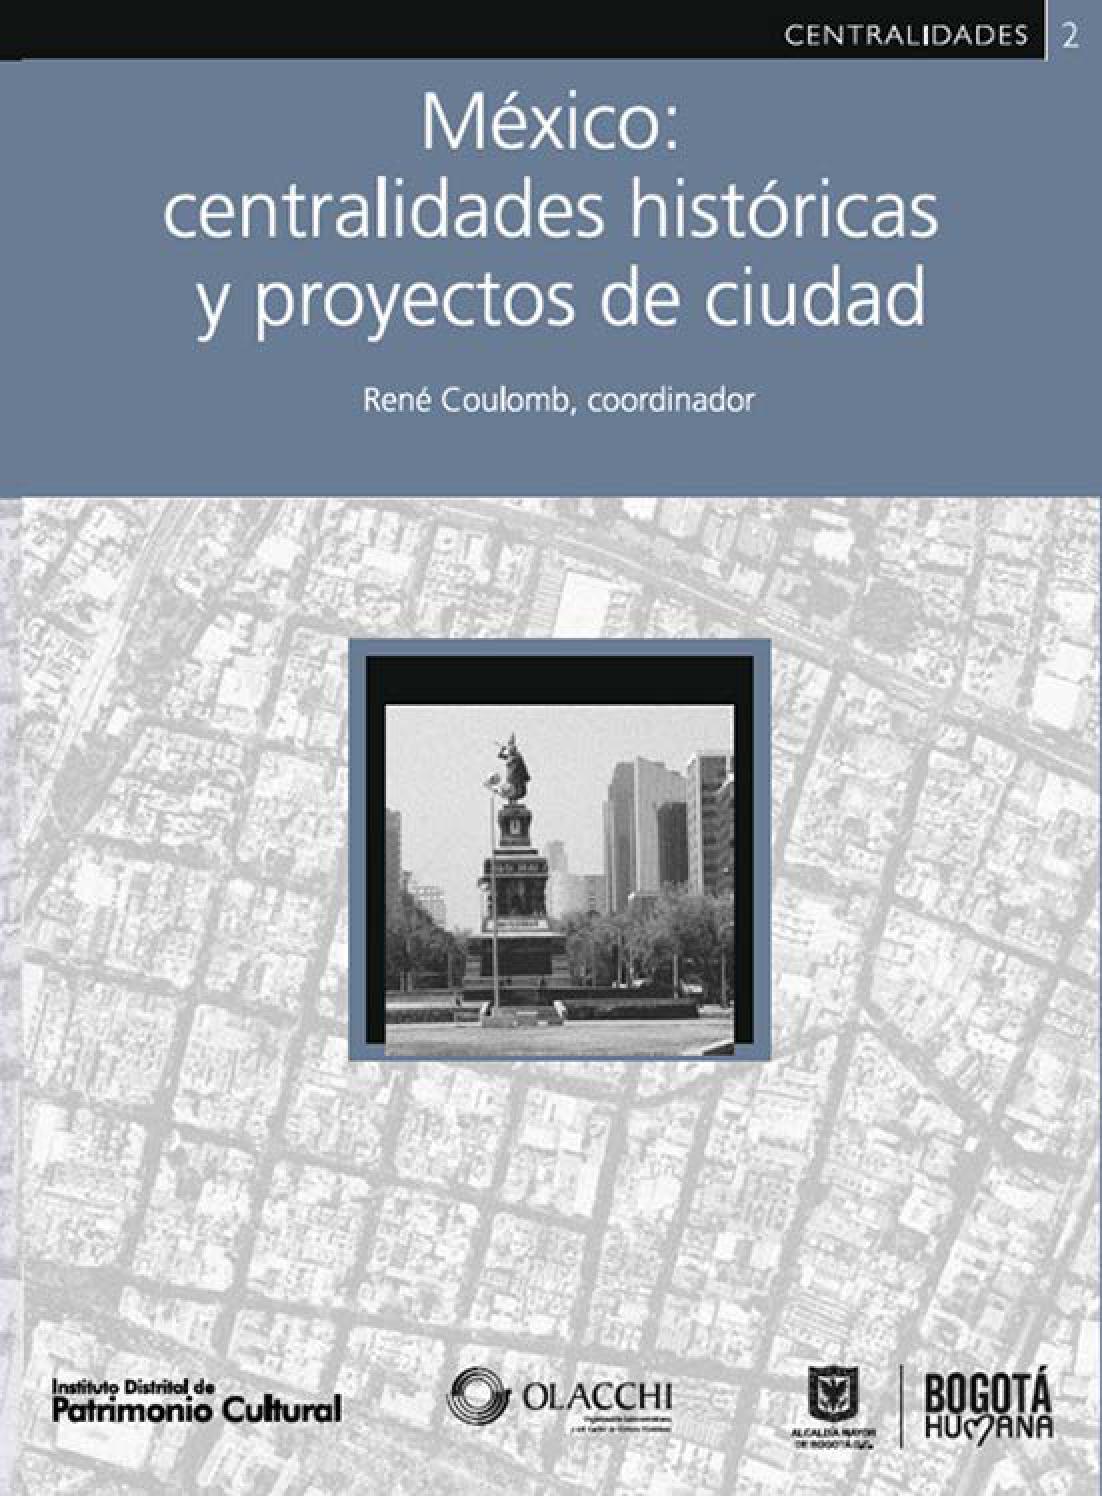 México  Centralidades Históricas y proyectos de ciudad by Instituto  Distrital Patrimonio Cultural - issuu 3845a4349f7fa